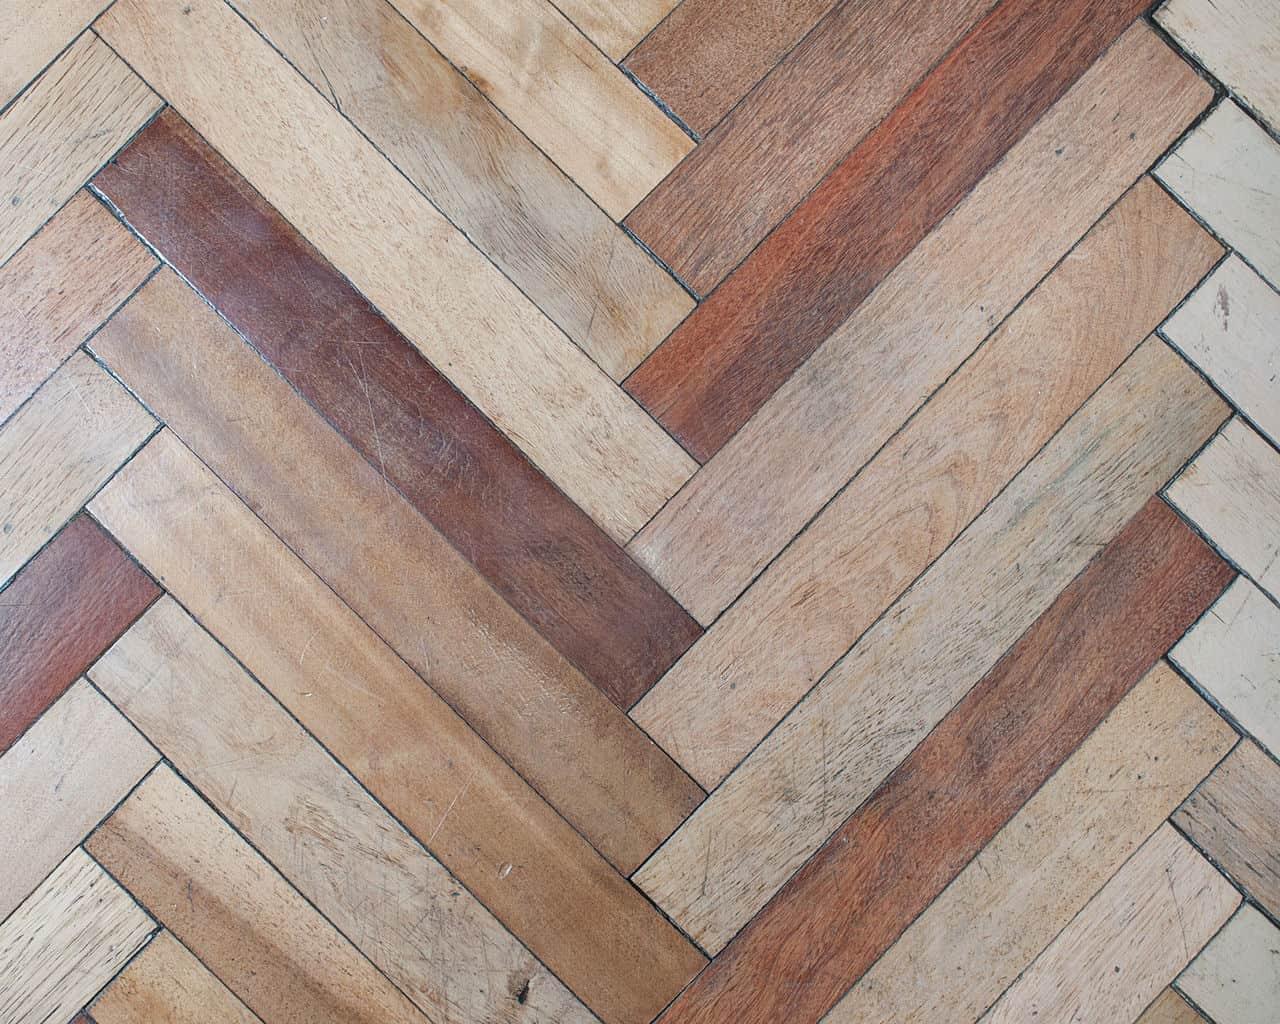 Repairing Your Oak Parquet Floor The Flooring Lady